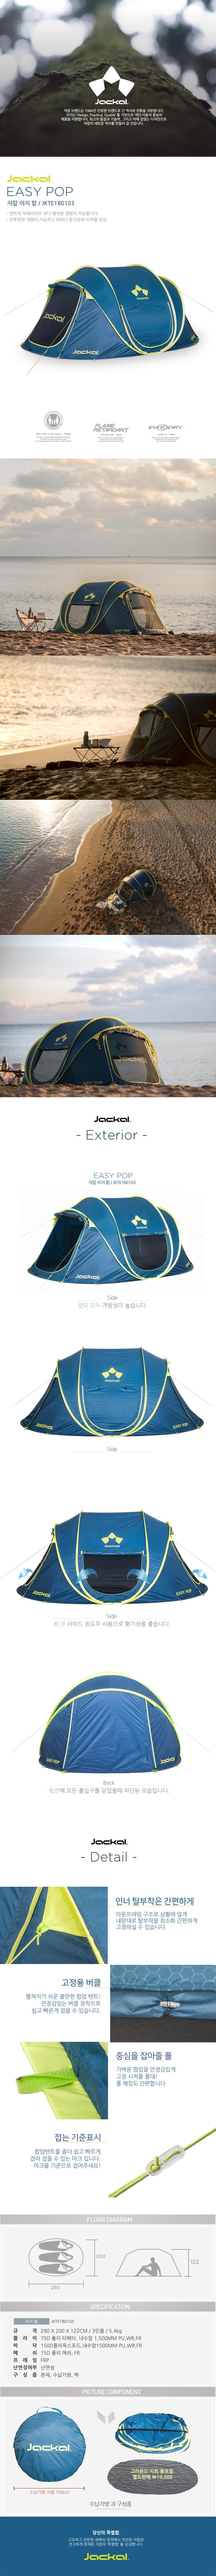 [JACKAL]쟈칼 이지팝 - 쟈칼, 179,000원, 텐트, 2~3인용 텐트